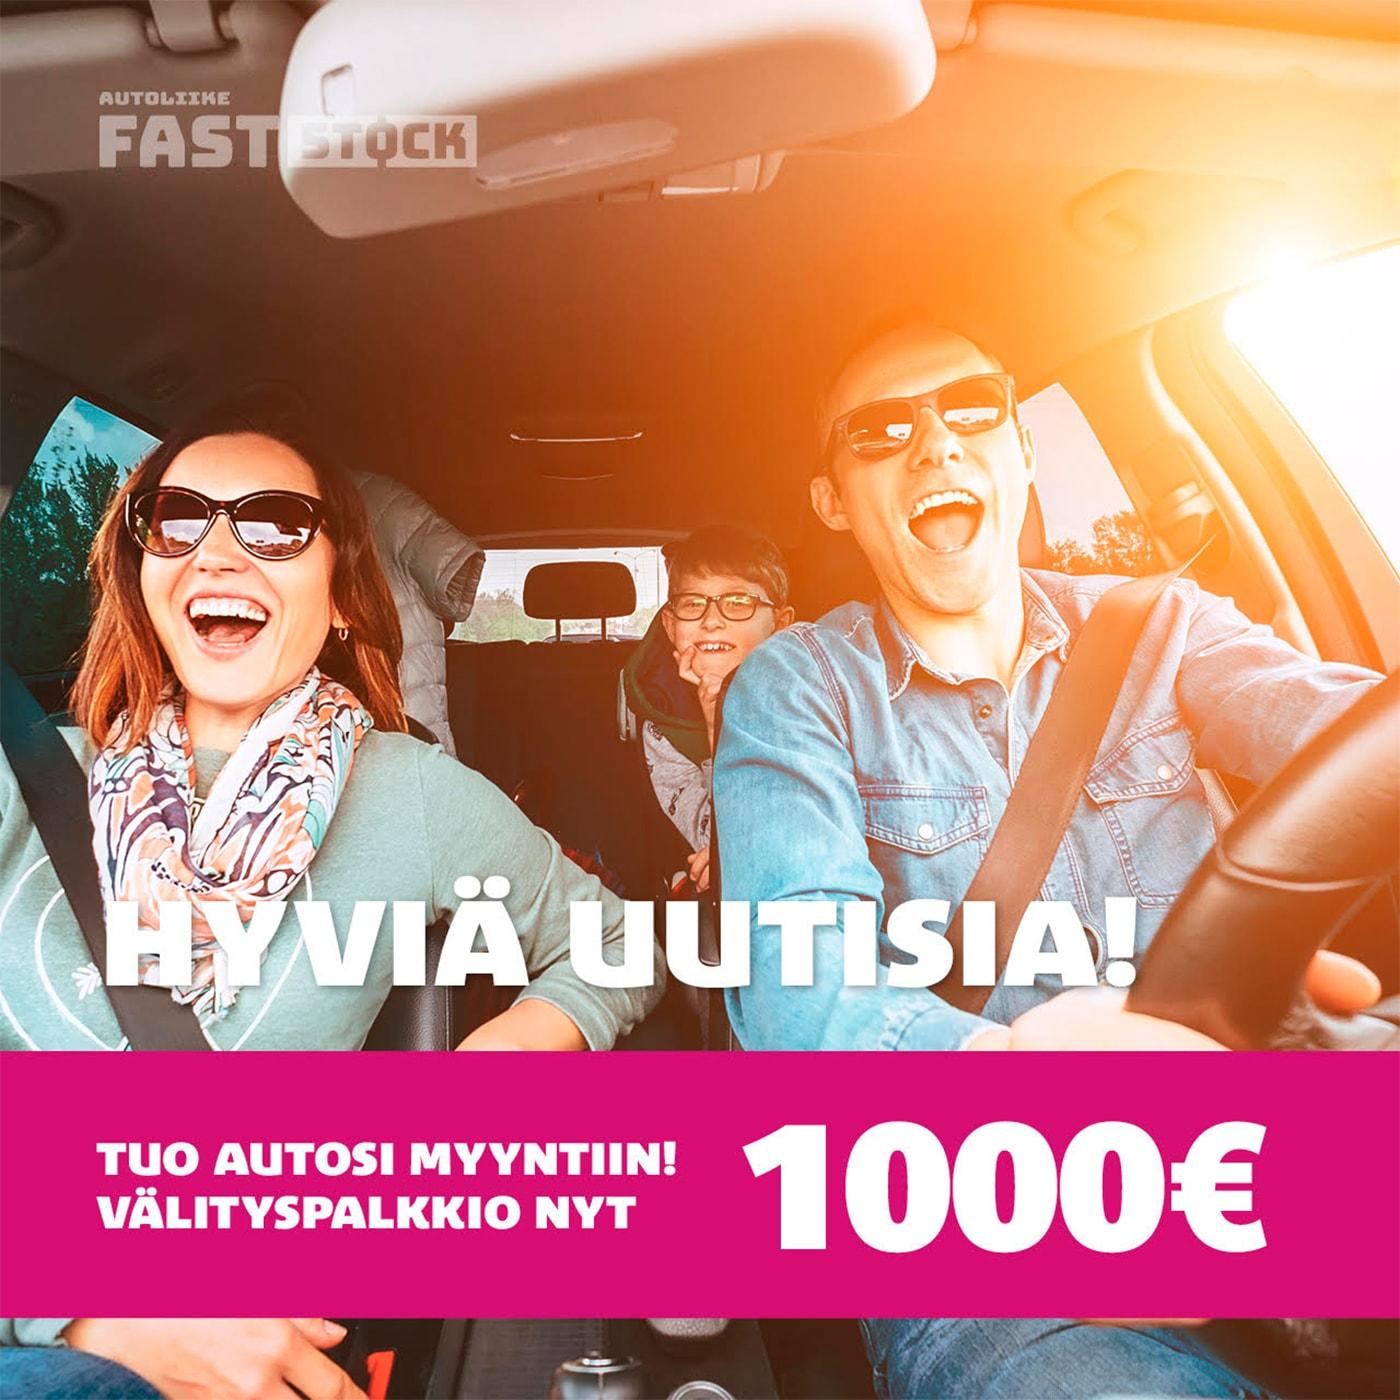 FastStock:lle toteutettu somekampanja